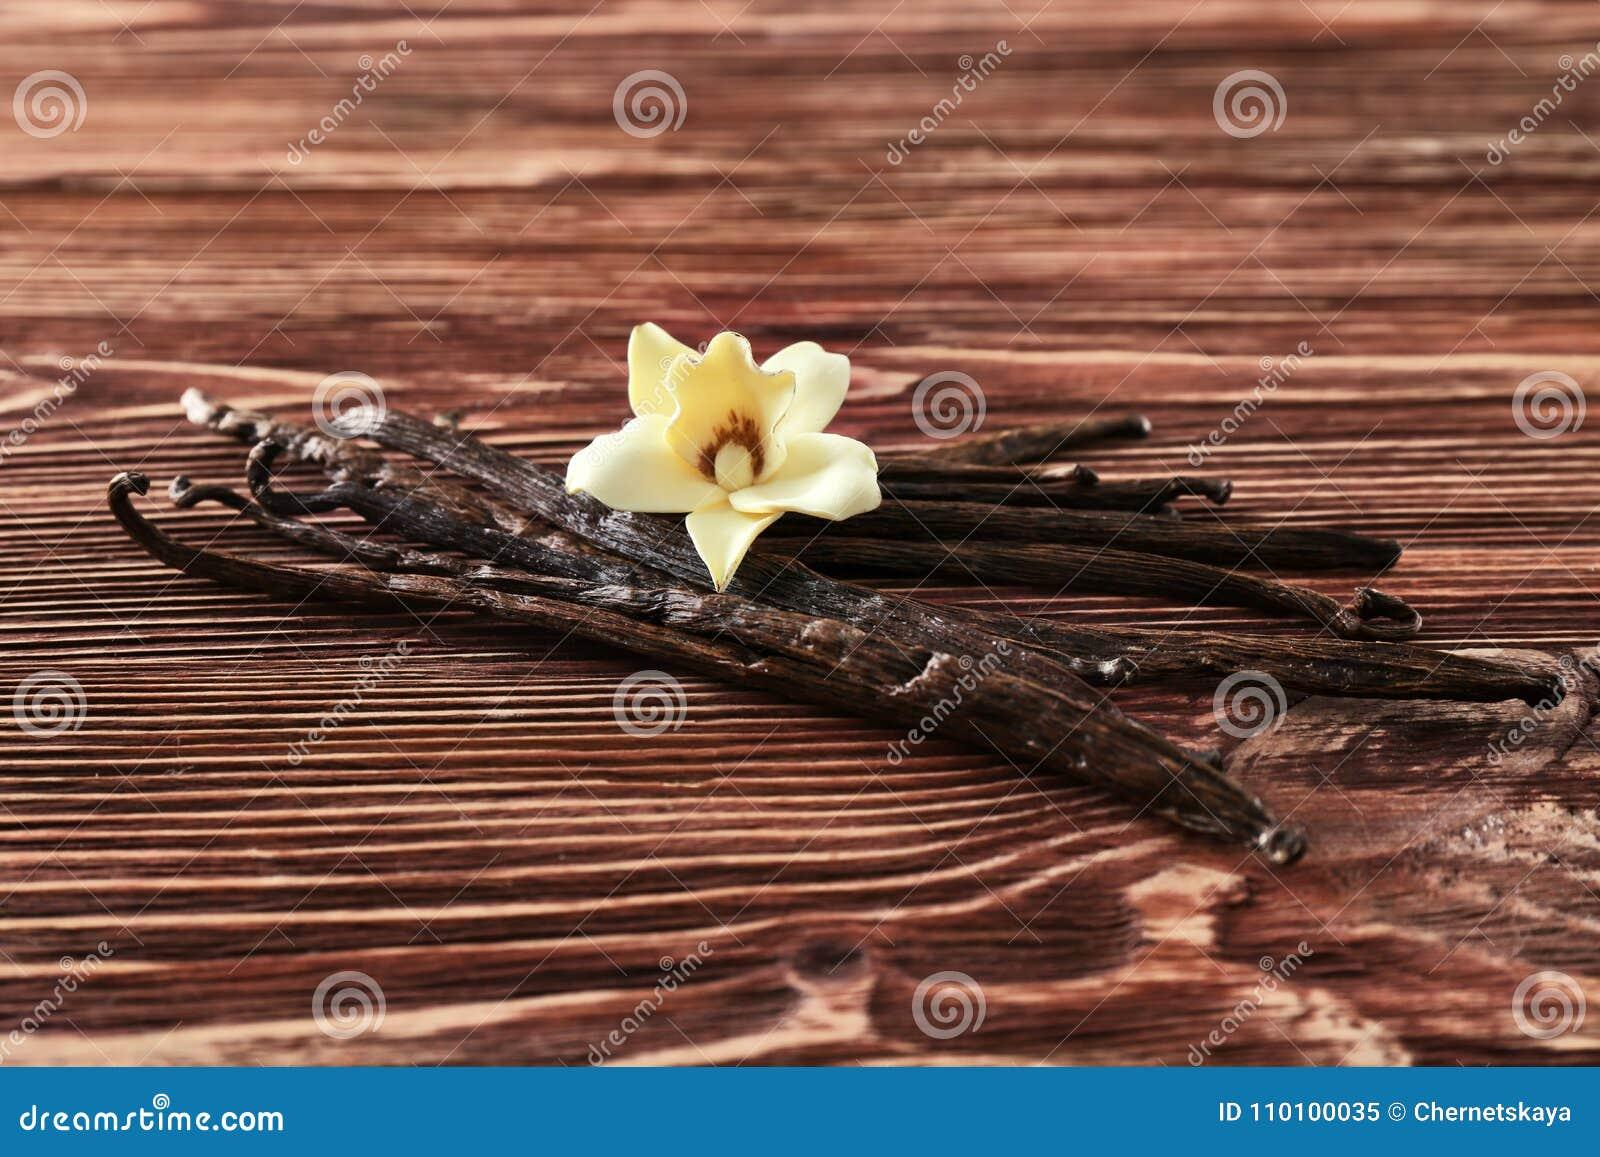 Wanilia kwiat na tle i kije